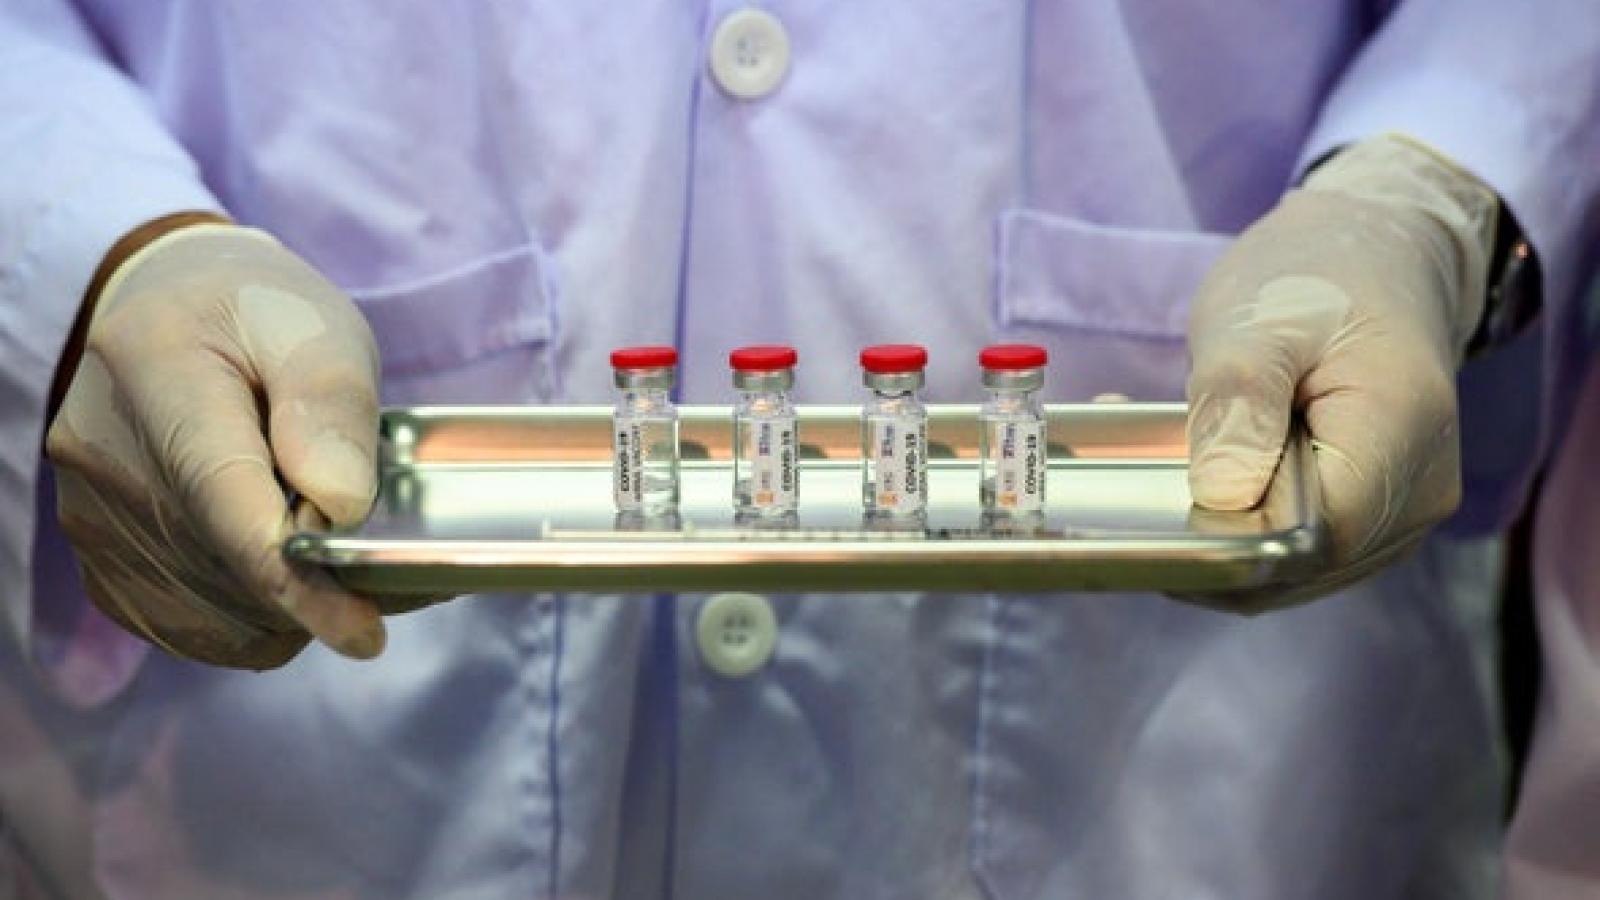 Mỹ bỏ hơn 1 triệu liều vaccine do nhu cầu tiêm chủng giảm mạnh